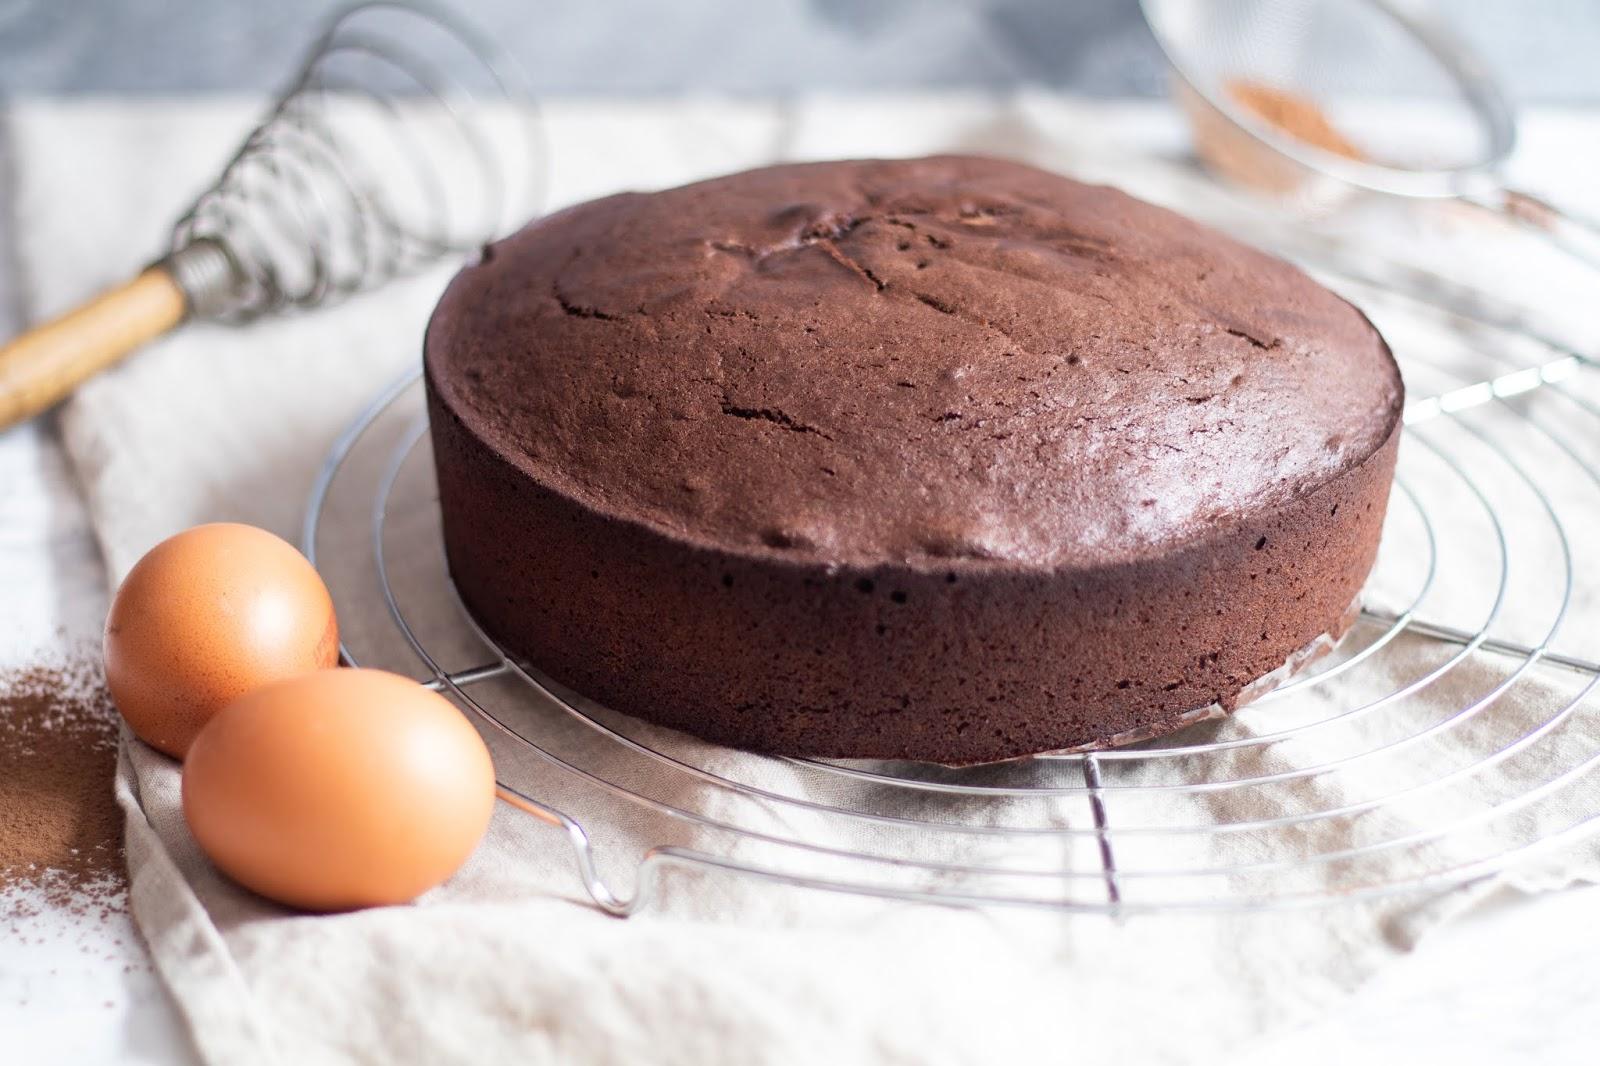 Recette facile et rapide de la génoise au chocolat